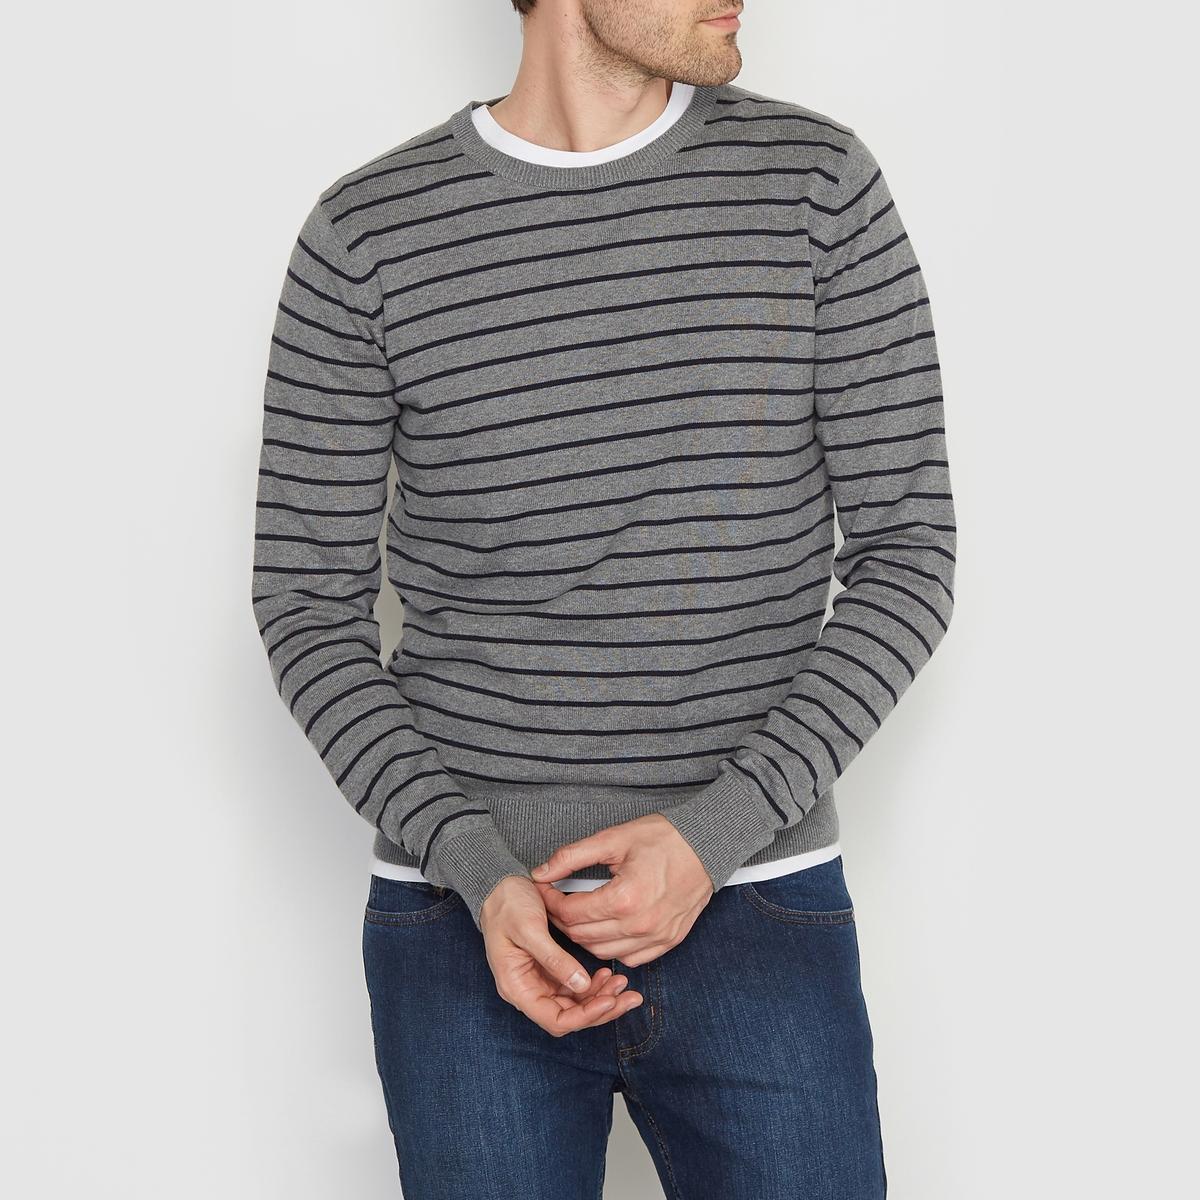 Пуловер в полоску 100% хлопокПуловер двухцветный в полоску с длинными рукавами. Прямой покрой, круглый вырез. Края низа и рукавов связаны в рубчик. Состав &amp; ДеталиМатериал : 100% хлопкаМарка : R essentiel.<br><br>Цвет: темно-синий в полоску серый меланж<br>Размер: XXL.3XL